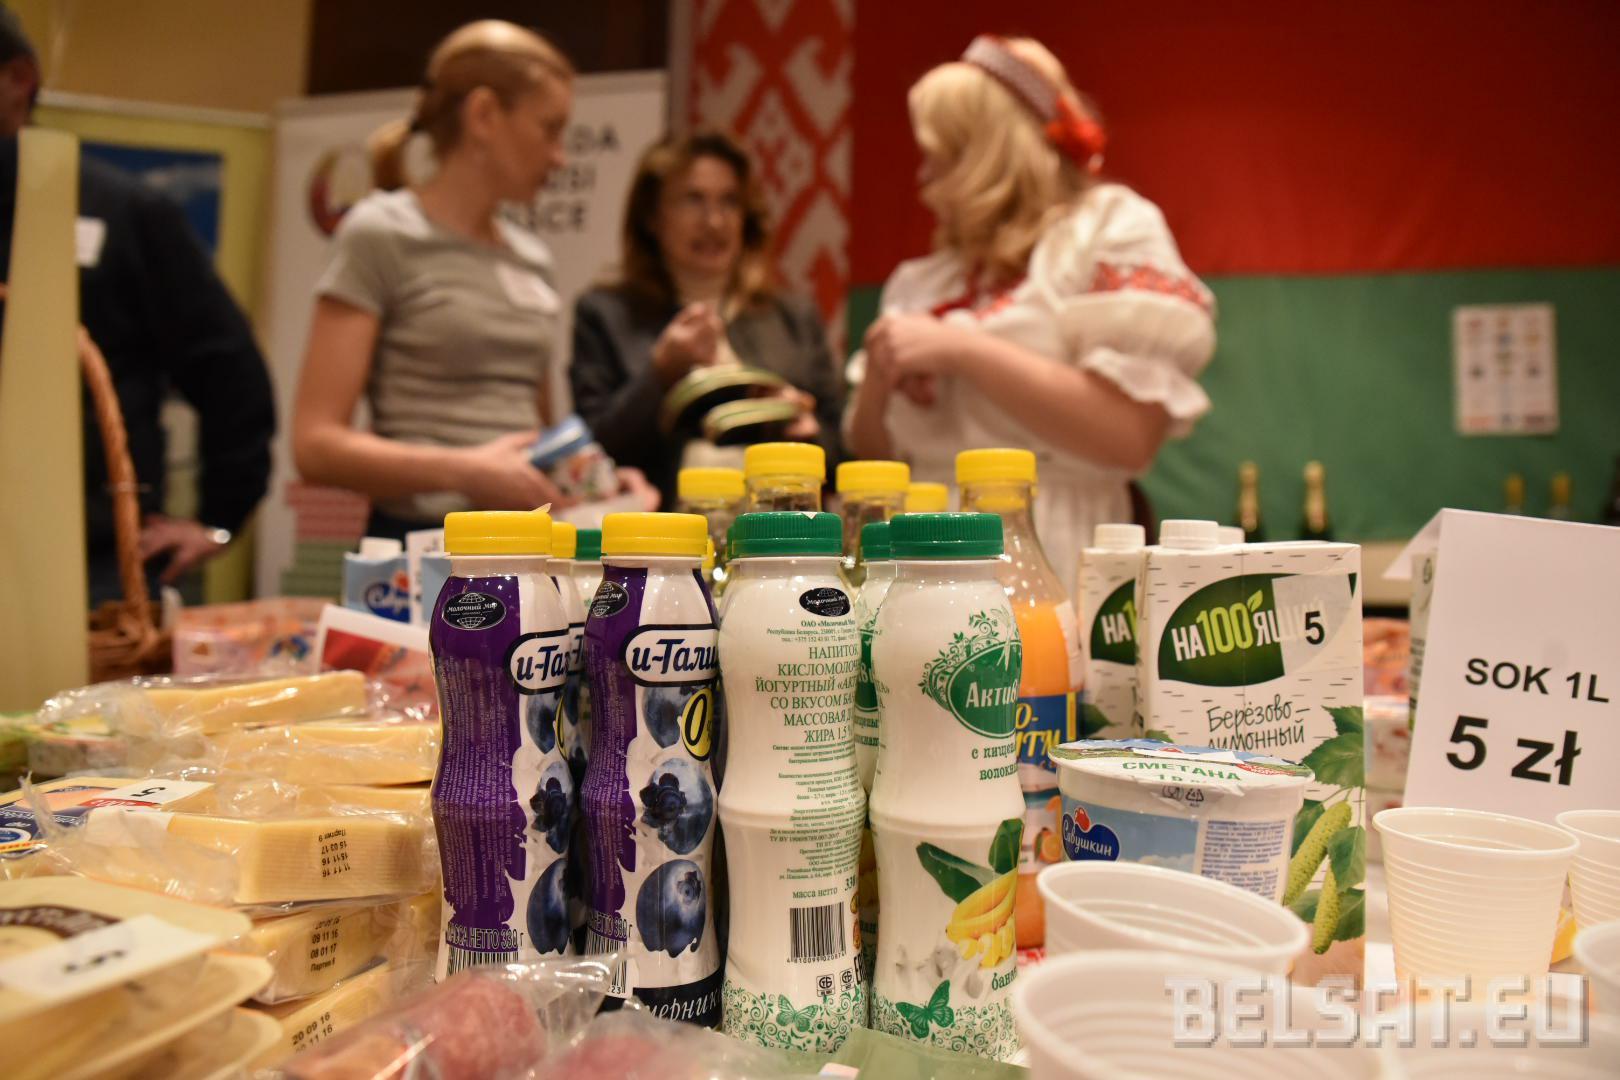 Przy białoruskim stole można było nie tylko nabyć, ale i spróbować białoruskich produktów.